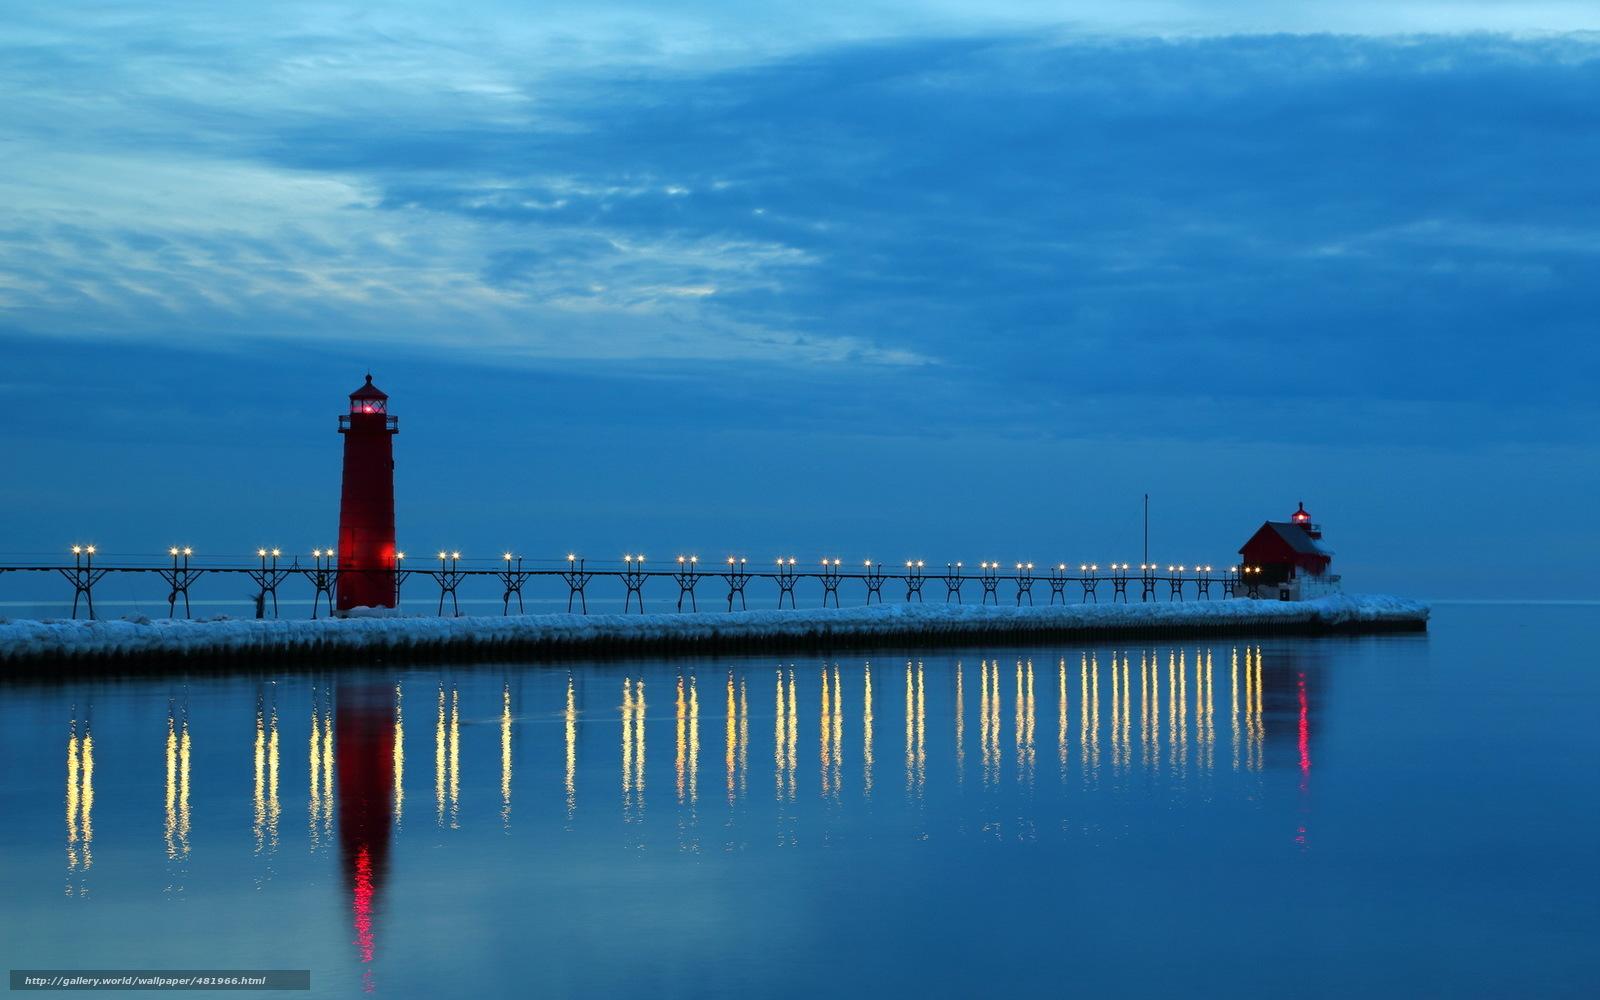 wallpaper lake michigan night lighthouse desktop wallpaper 1600x1000